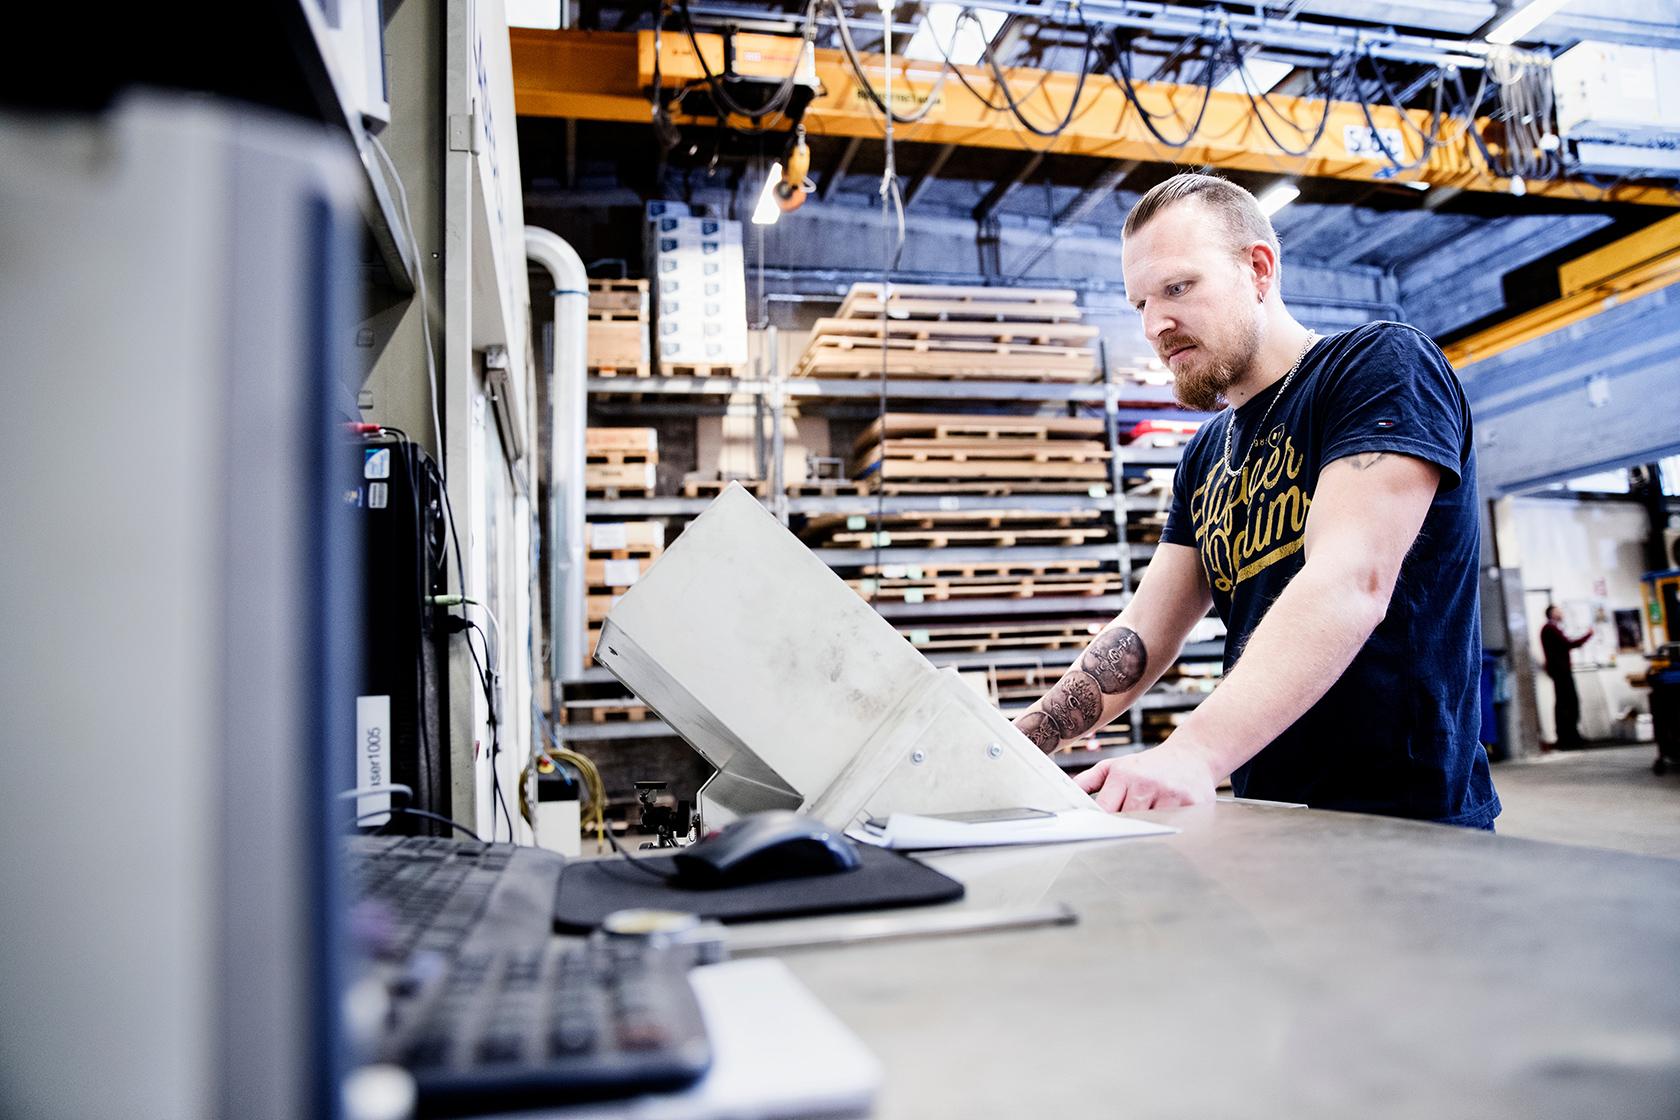 Maskinen skærer efter et 3D program, som Ivan Olsens kollega har programmeret. Det skal stort set altid rettes til, når det kommer ud på maskinen.